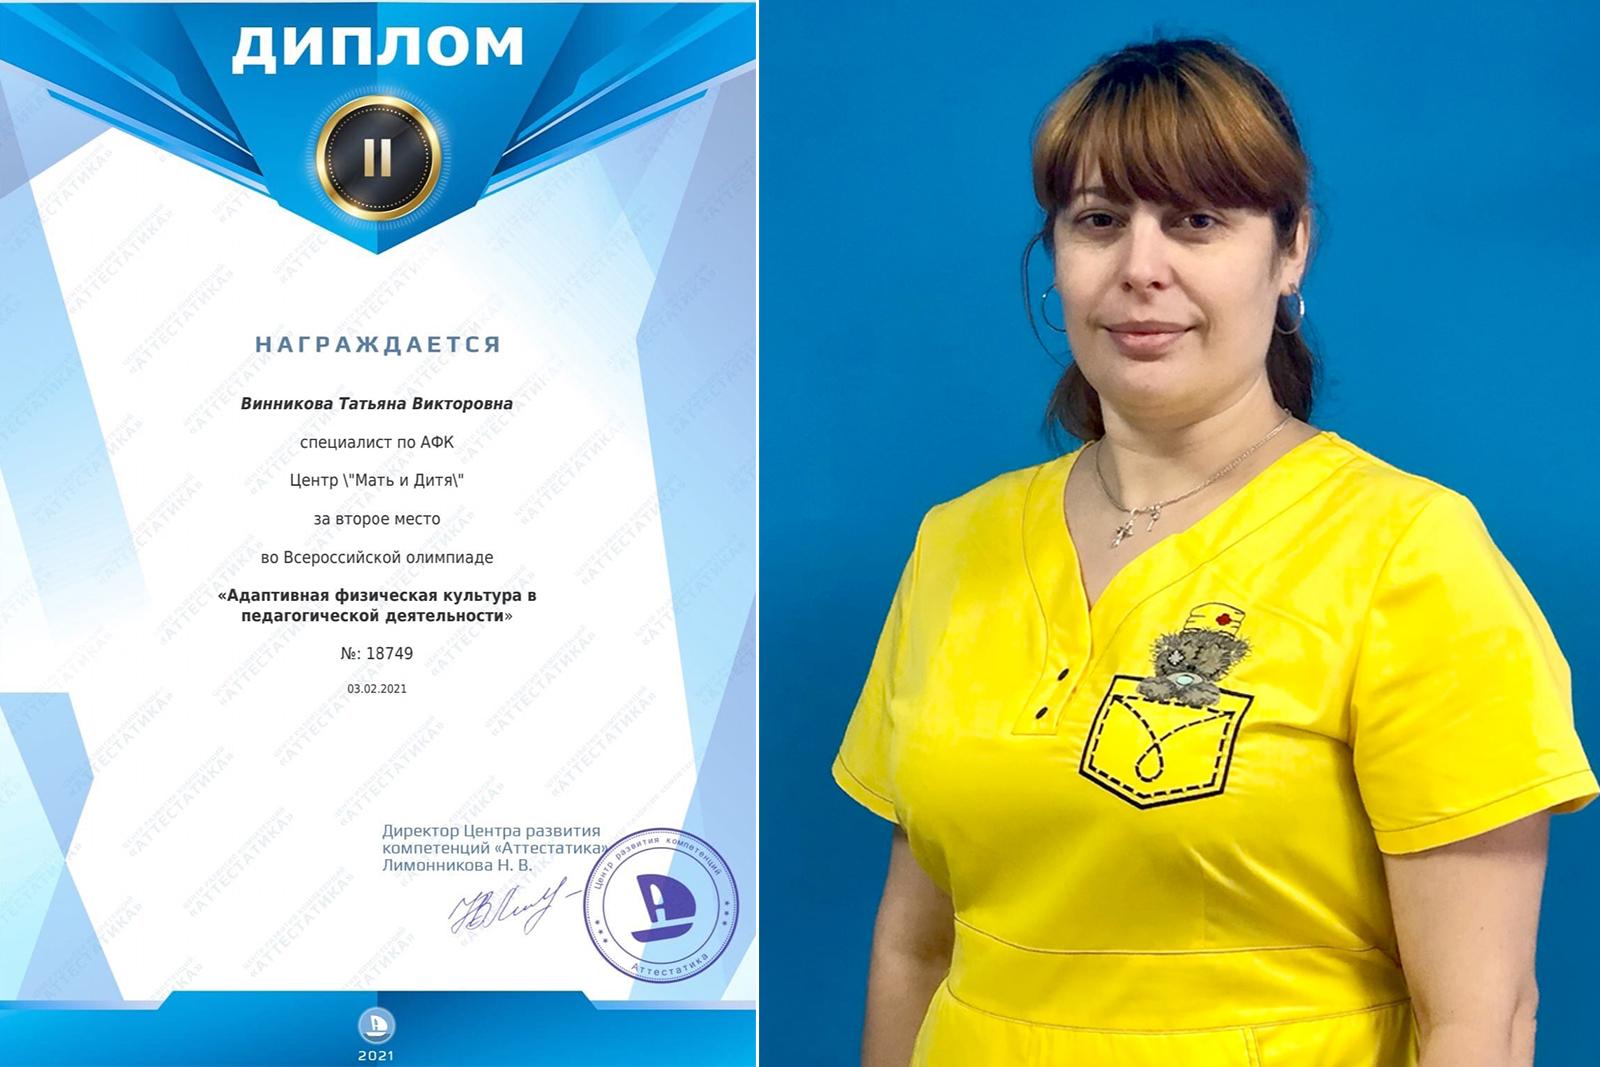 Поздравляем Винникову Татьяну Викторовну с почётным местом во Всероссийской онлайн-олимпиаде